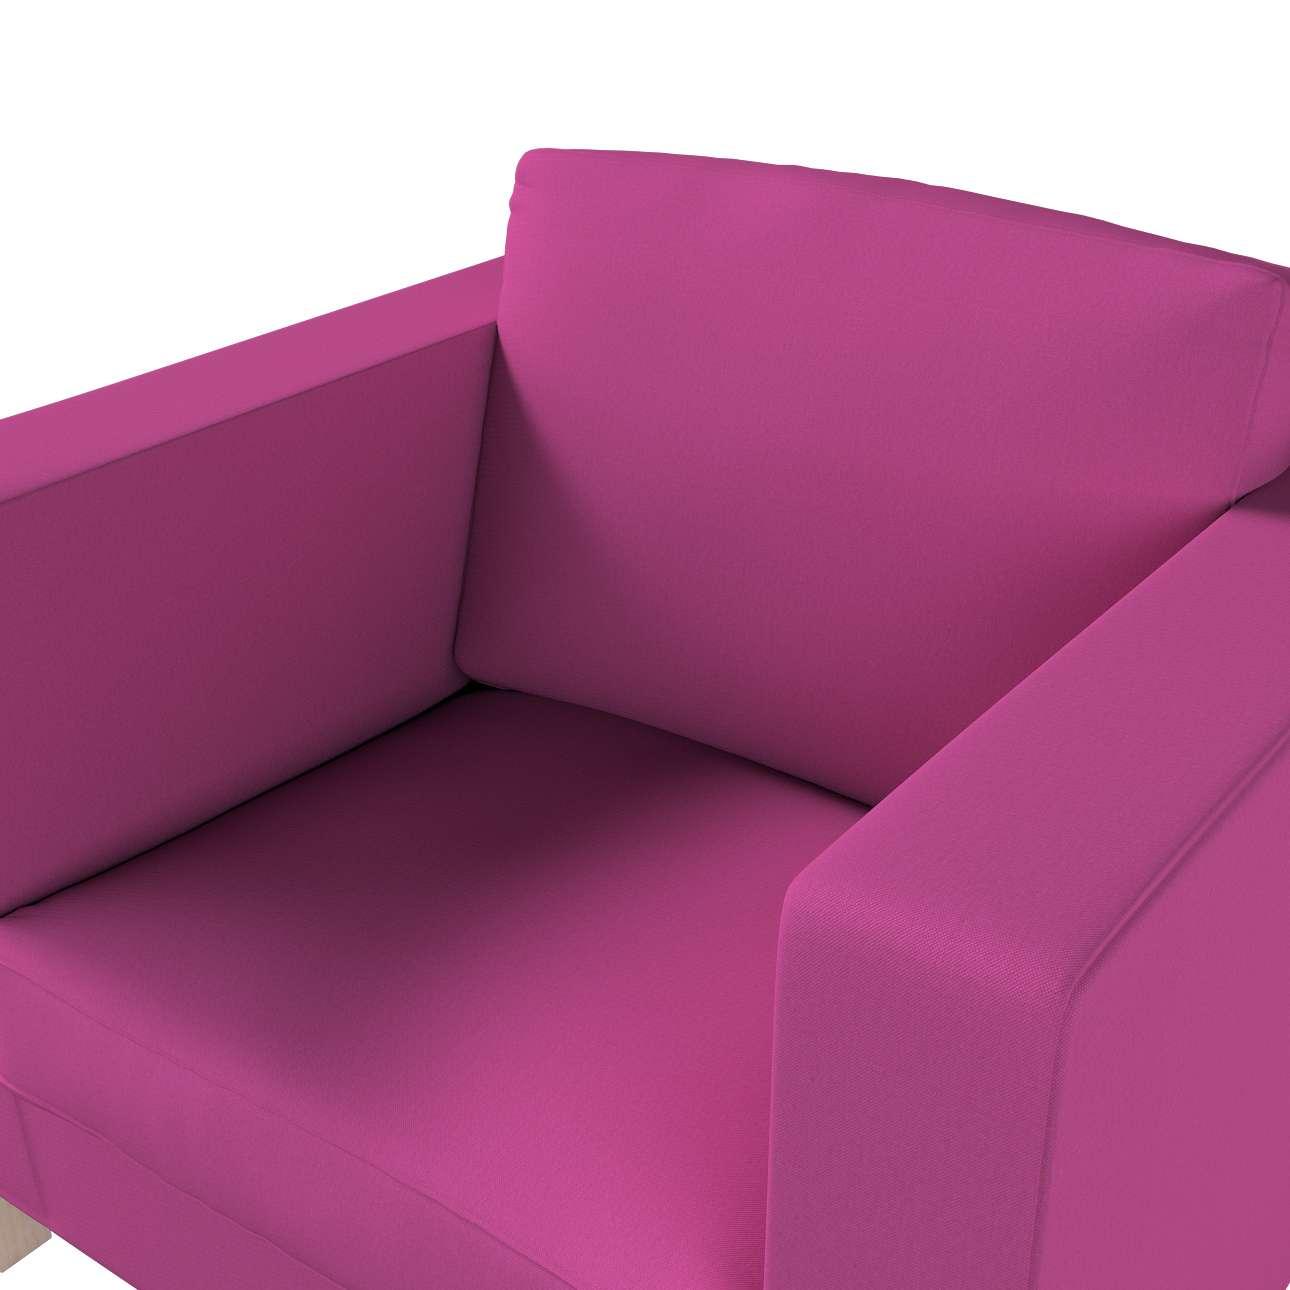 Karlanda päällinen nojatuoli, lyhyt mallistosta Etna - ei verhoihin, Kangas: 705-23